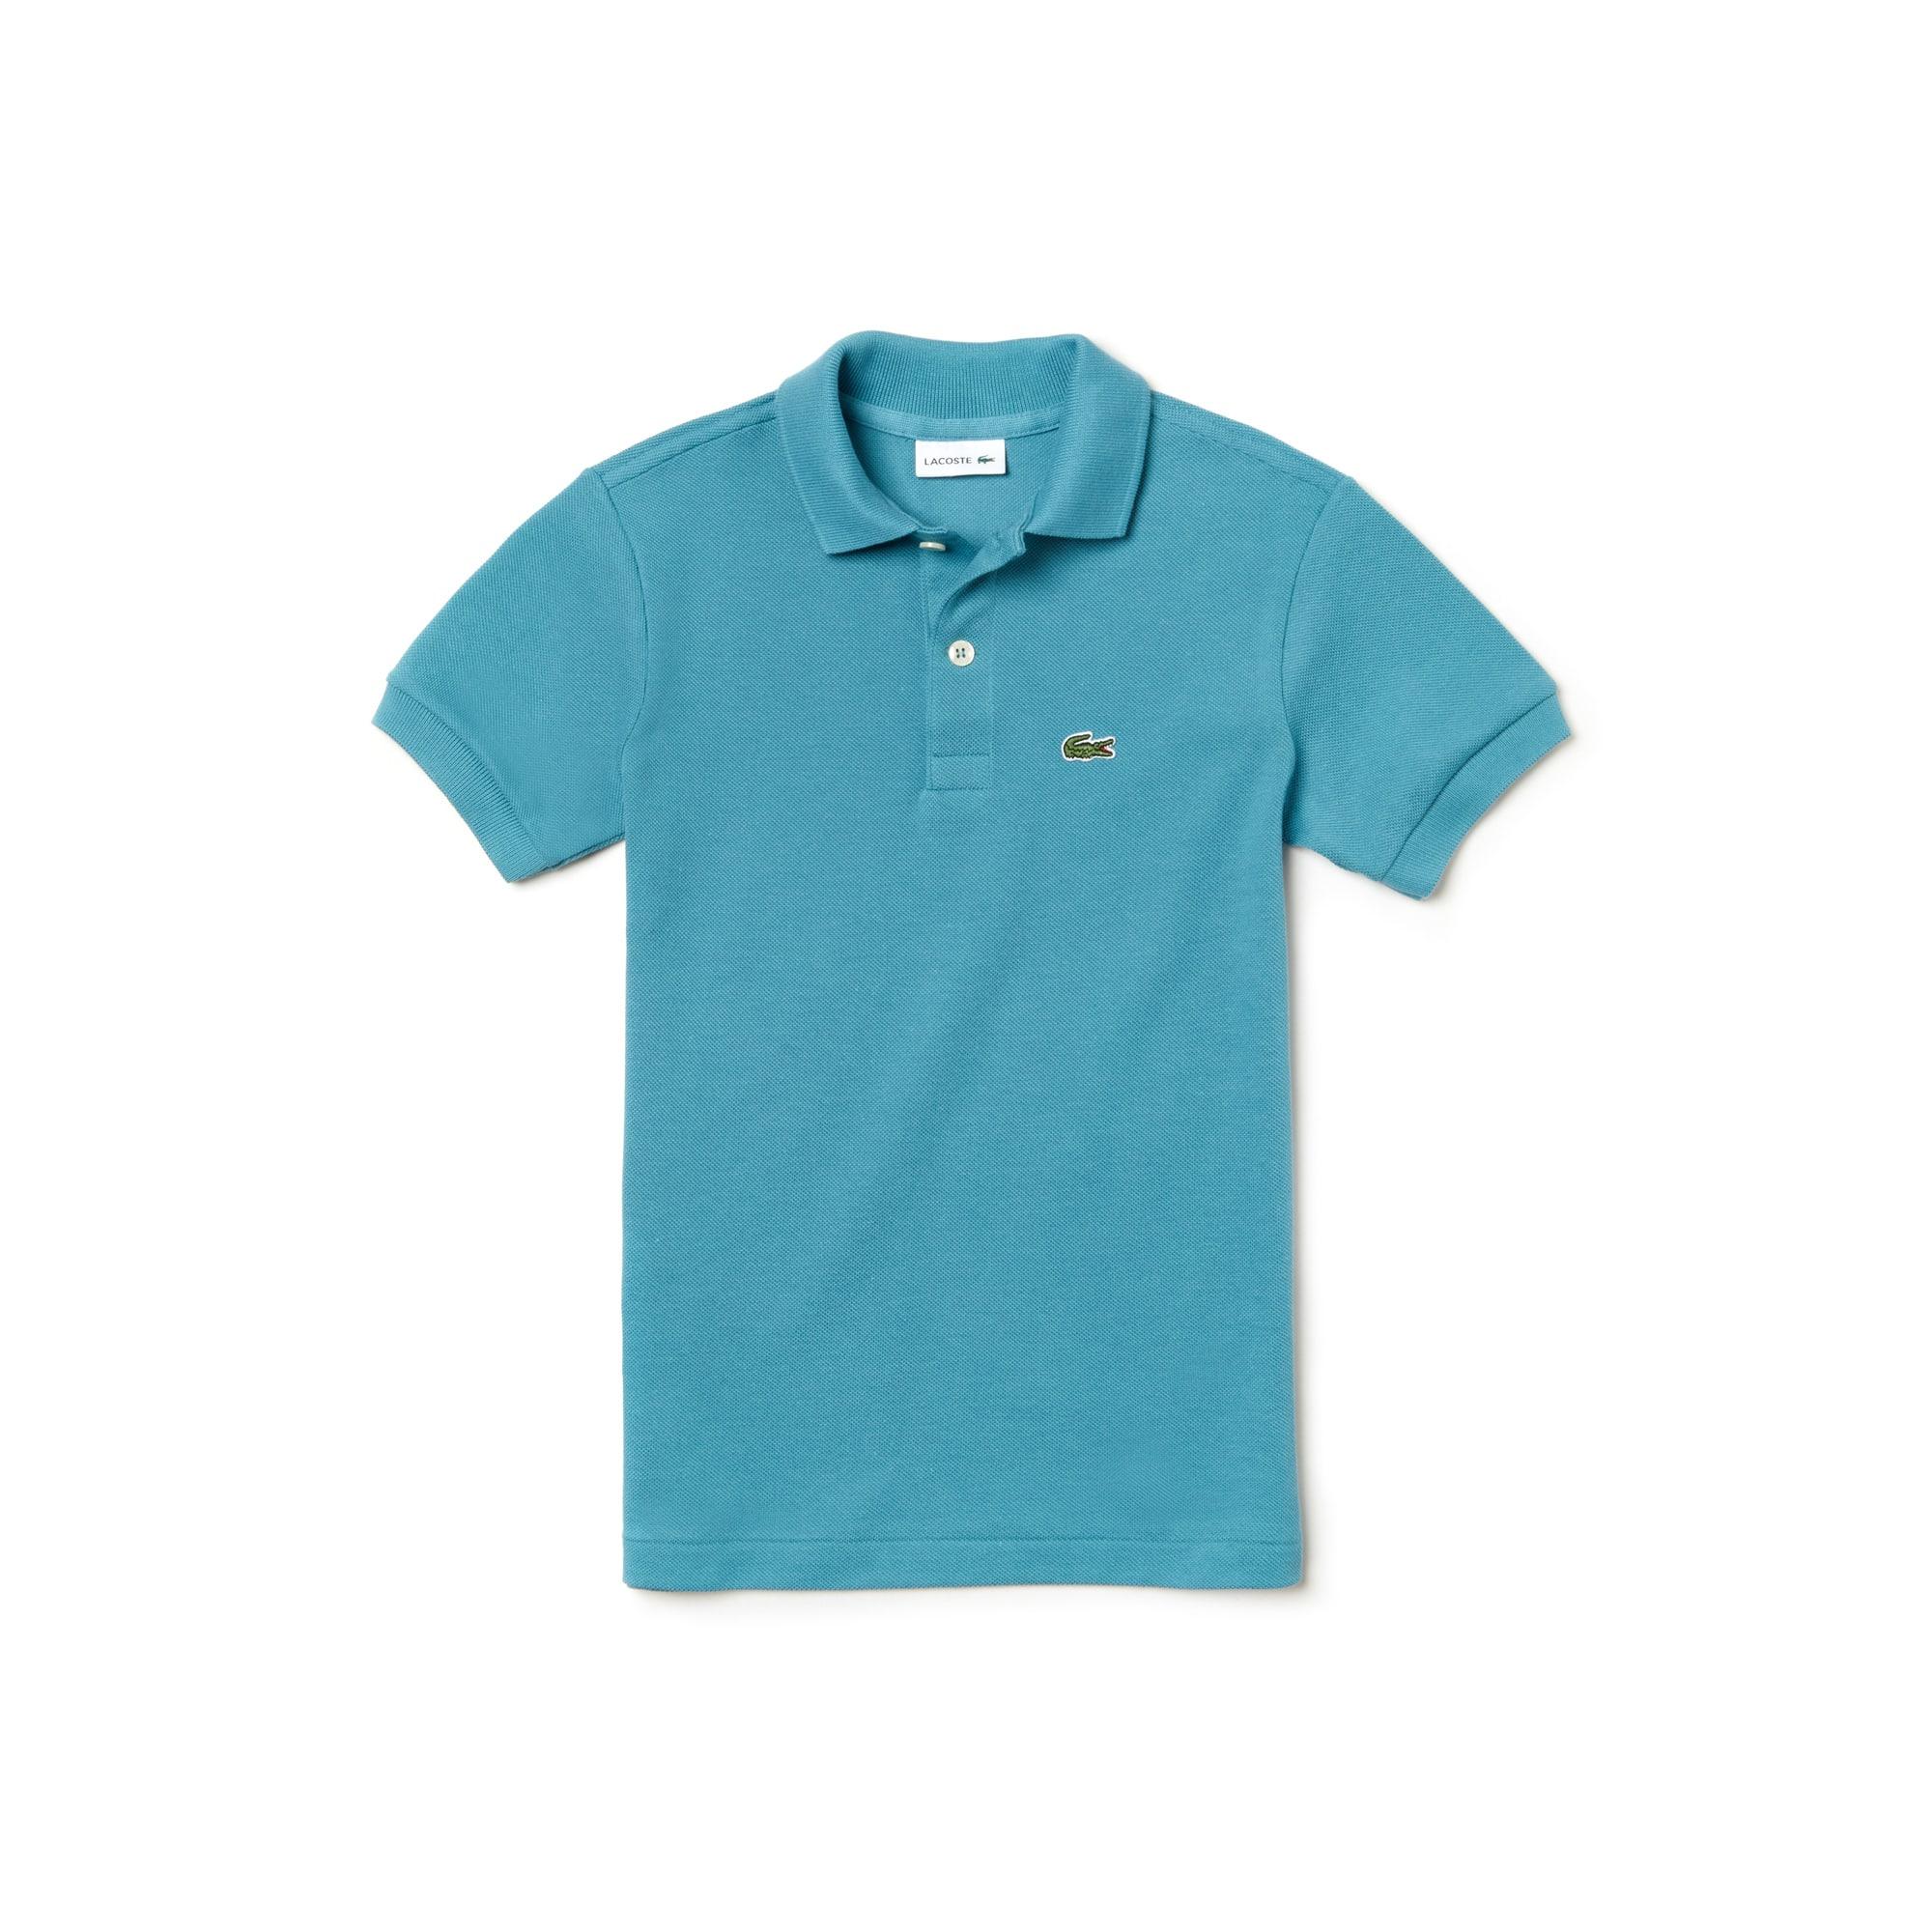 72ef1f753 Kids  Lacoste Petit Piqué Polo Shirt